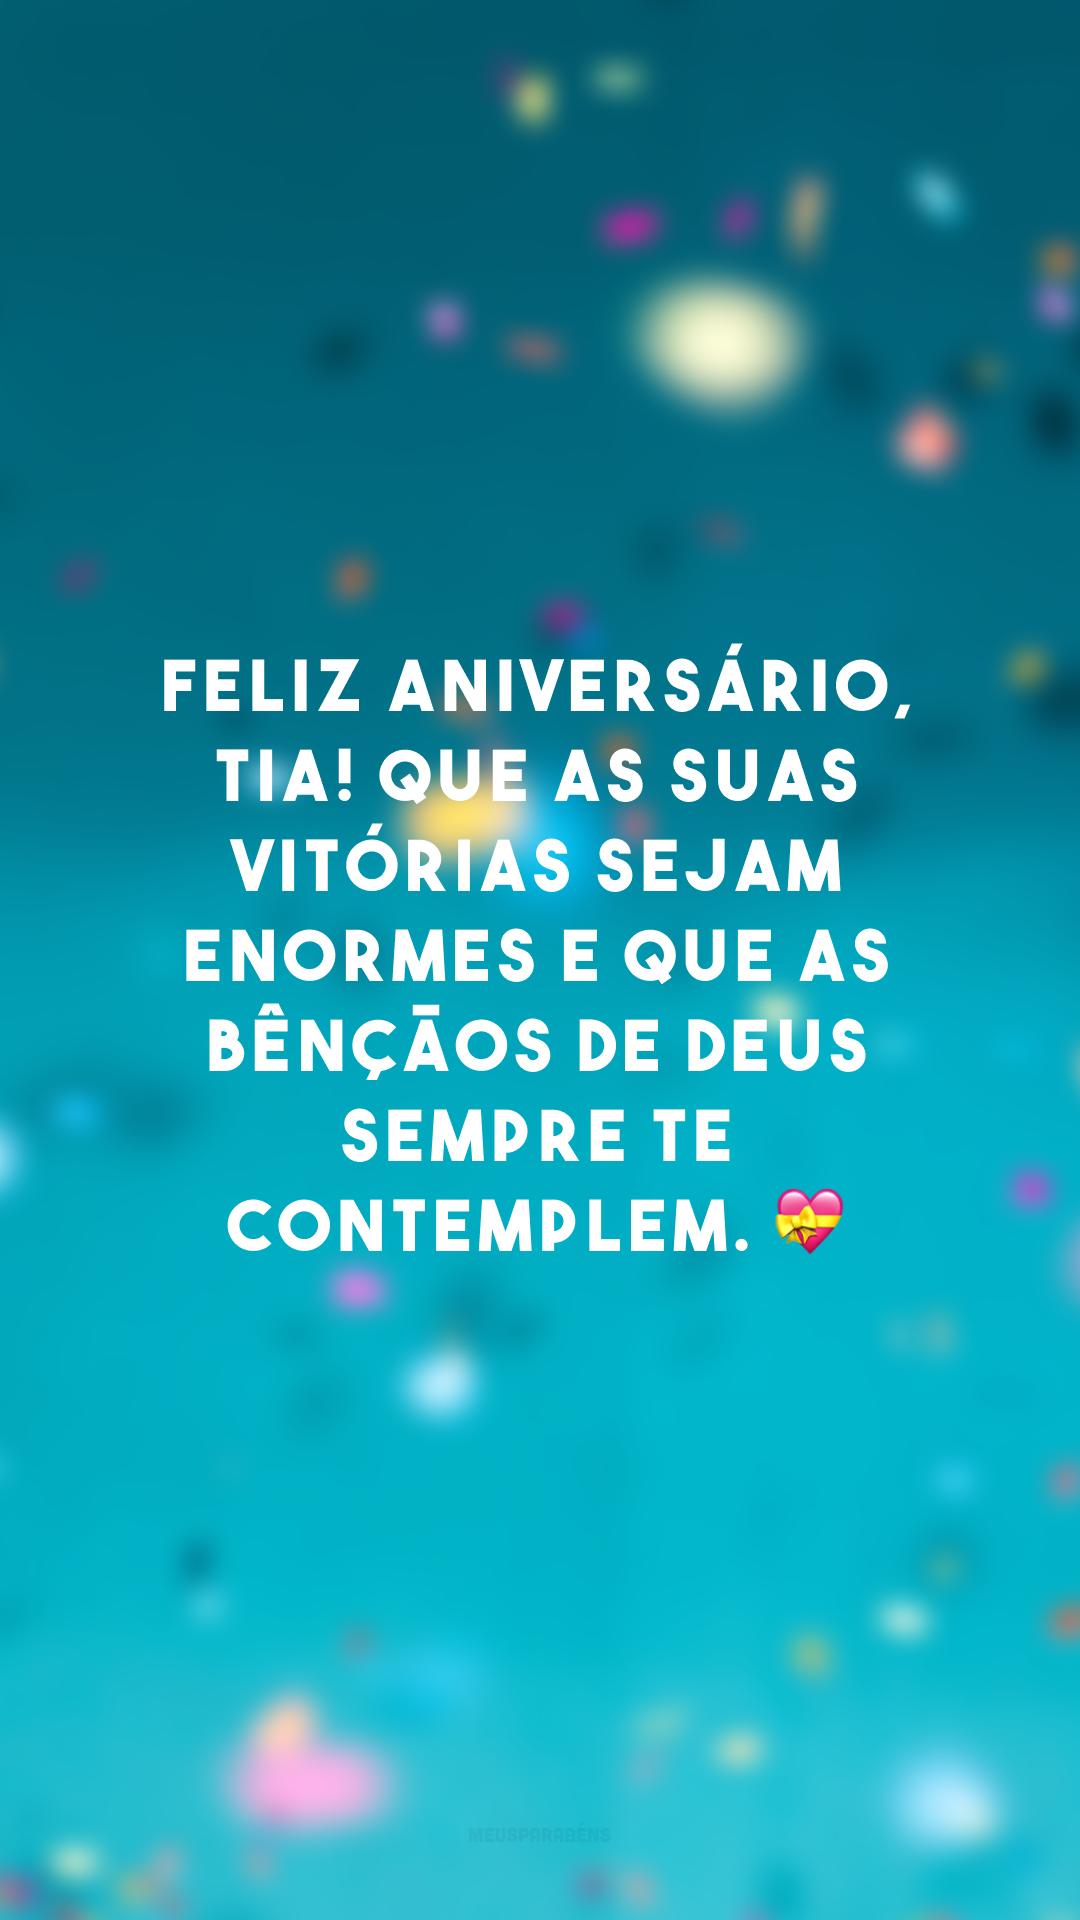 Feliz aniversário, tia! Que as suas vitórias sejam enormes e que as bênçãos de Deus sempre te contemplem. 💝